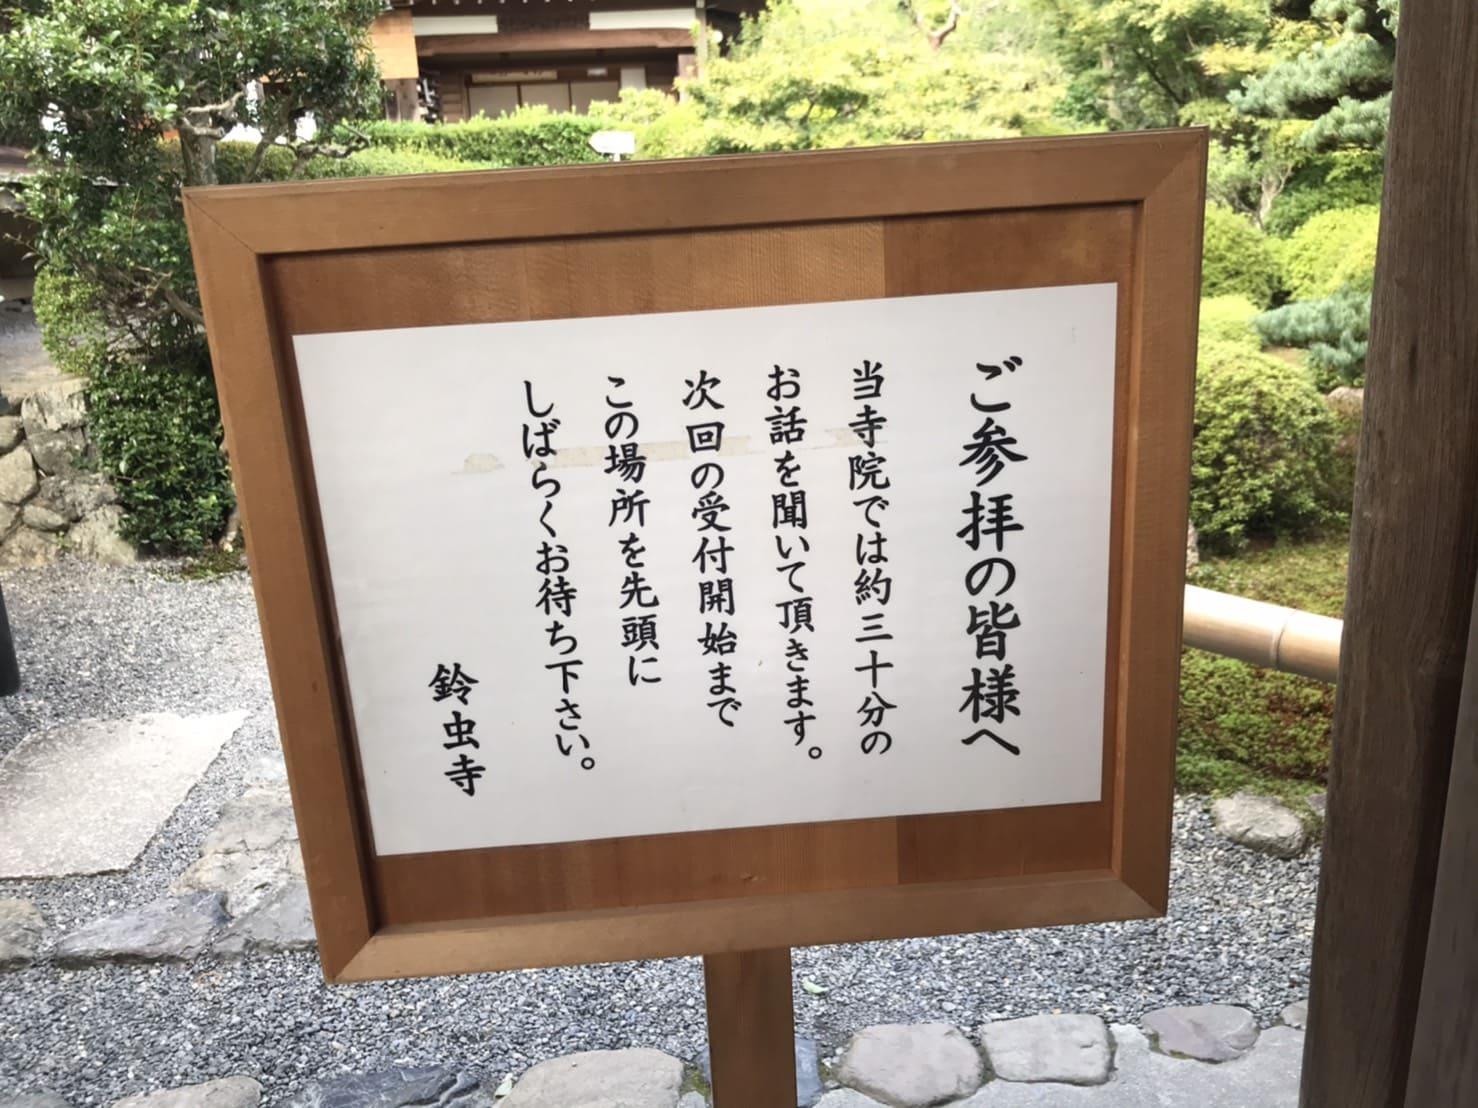 鈴虫寺の参拝の皆様へ